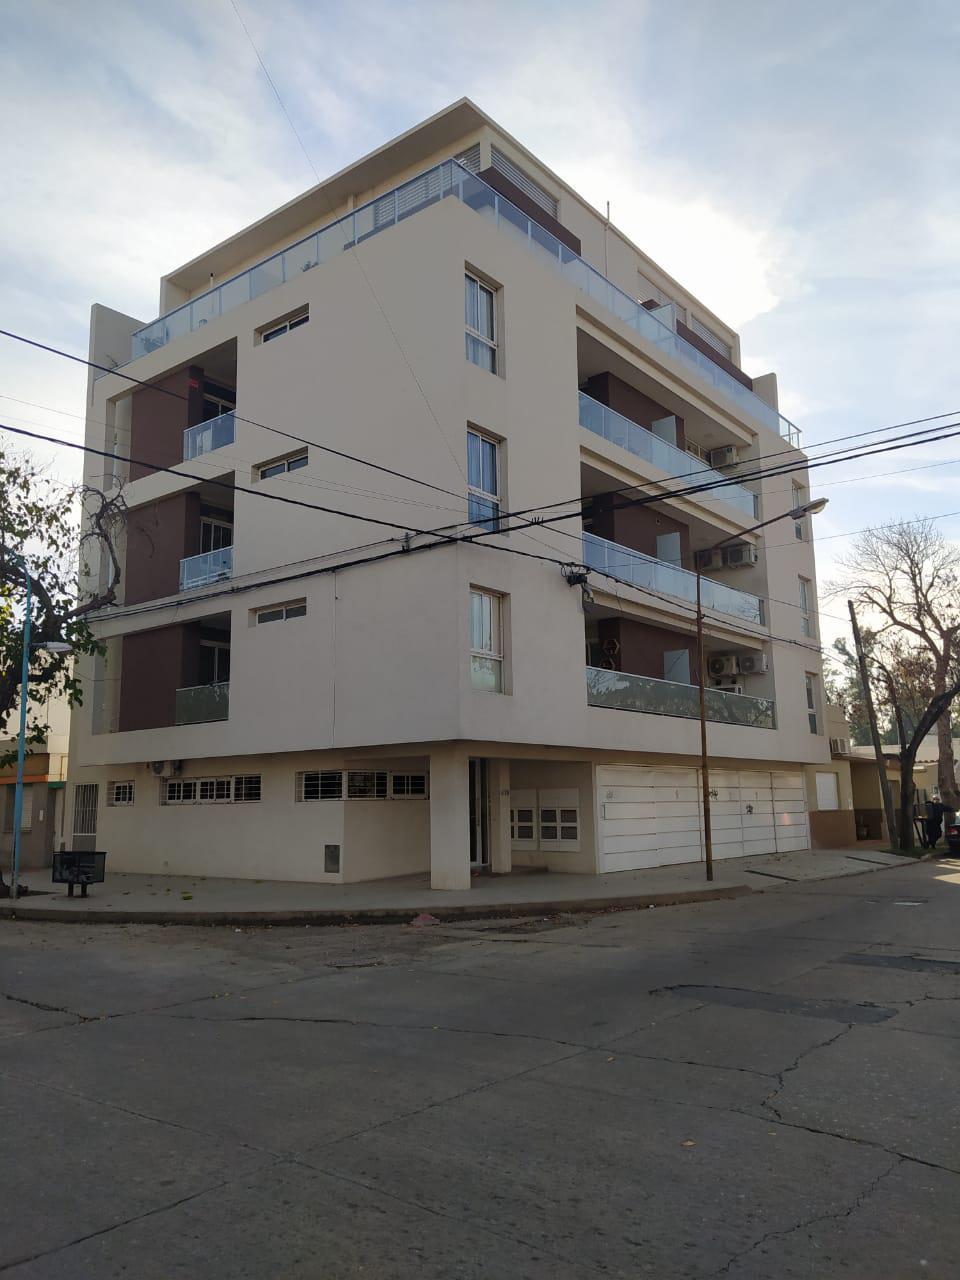 Dentesano 819 esq. Gral. Paz 3º piso B + cochera 4 - Gaggiotti Inmobiliaria cuenta con más de 50 años desde que se inicio en el negocio de los servicios inmobiliarios.